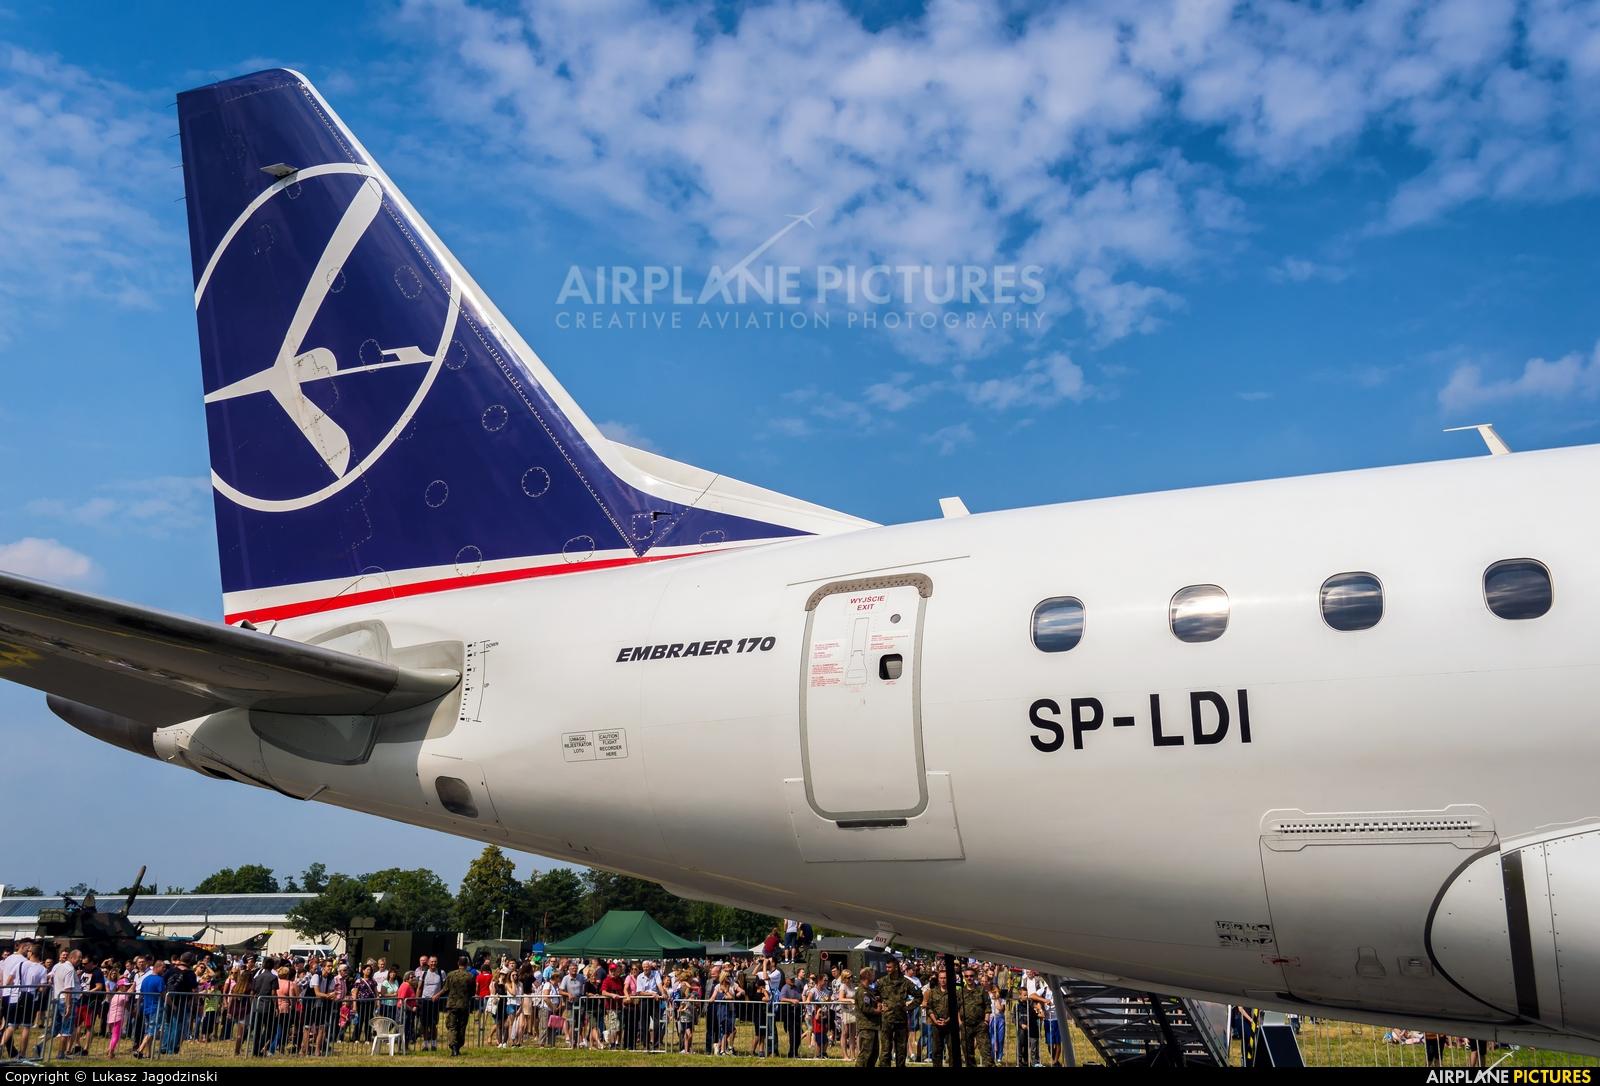 LOT - Polish Airlines SP-LDI aircraft at Radom - Sadków